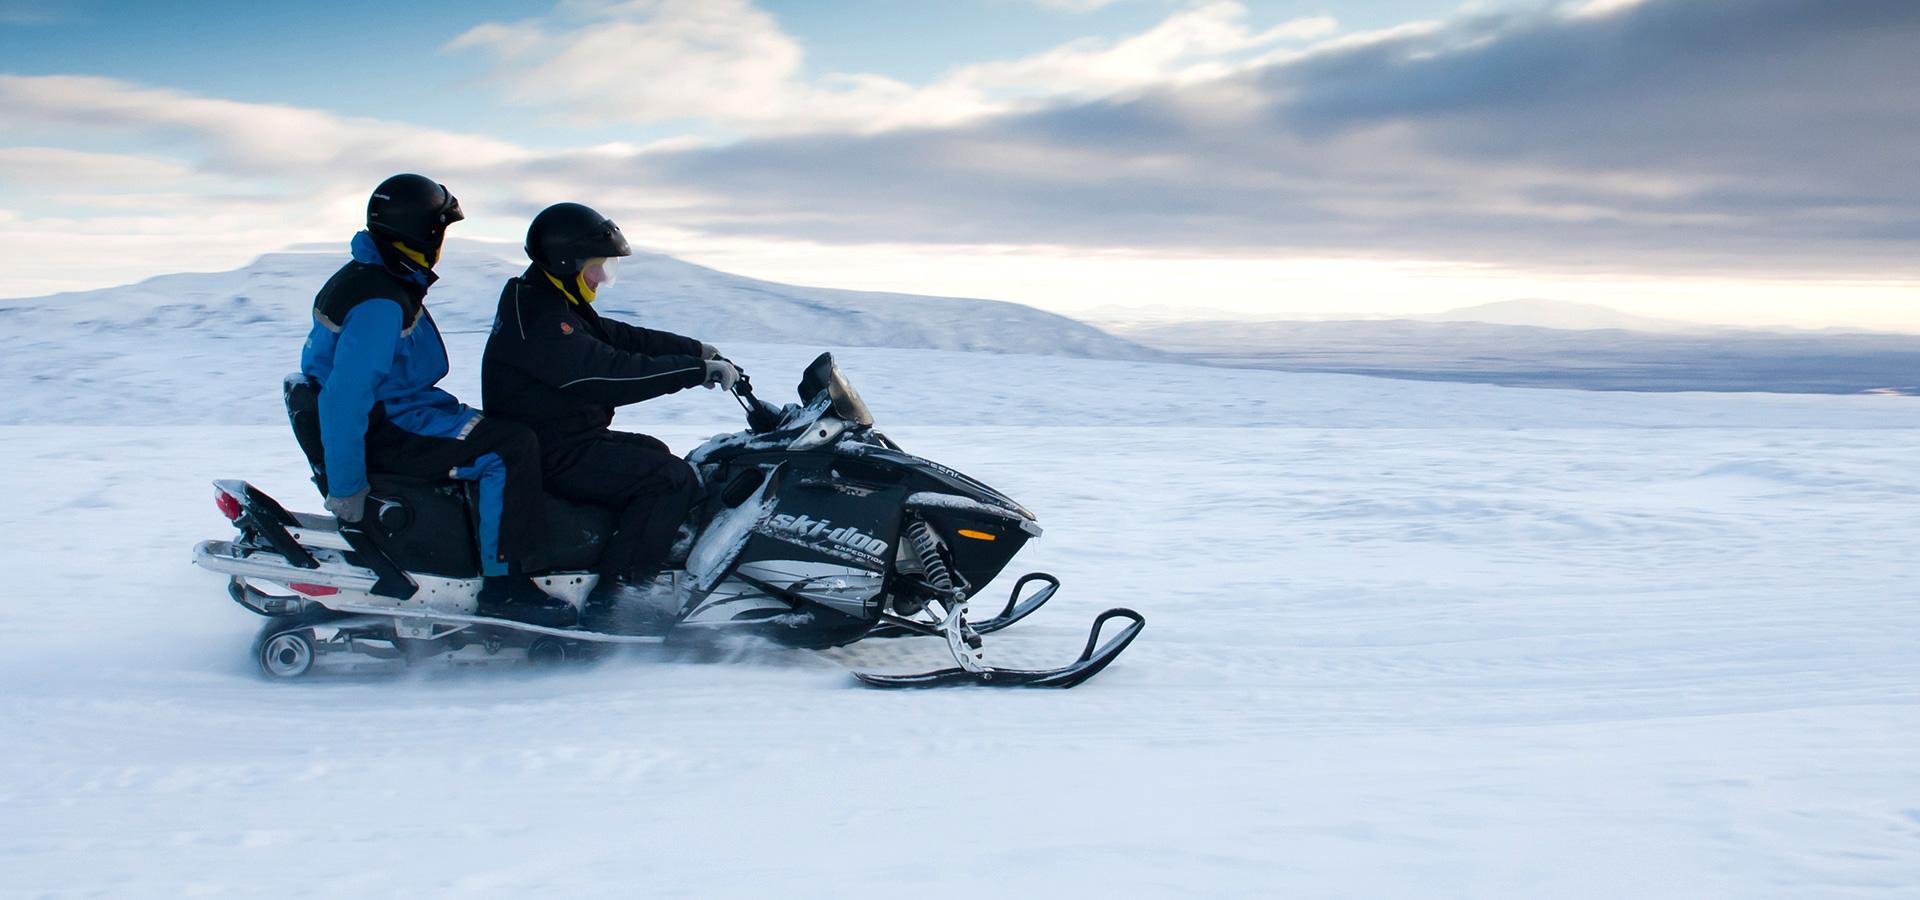 En dagstur på snøskuter gir deg en opplevelsesrik ettermiddag på Island.